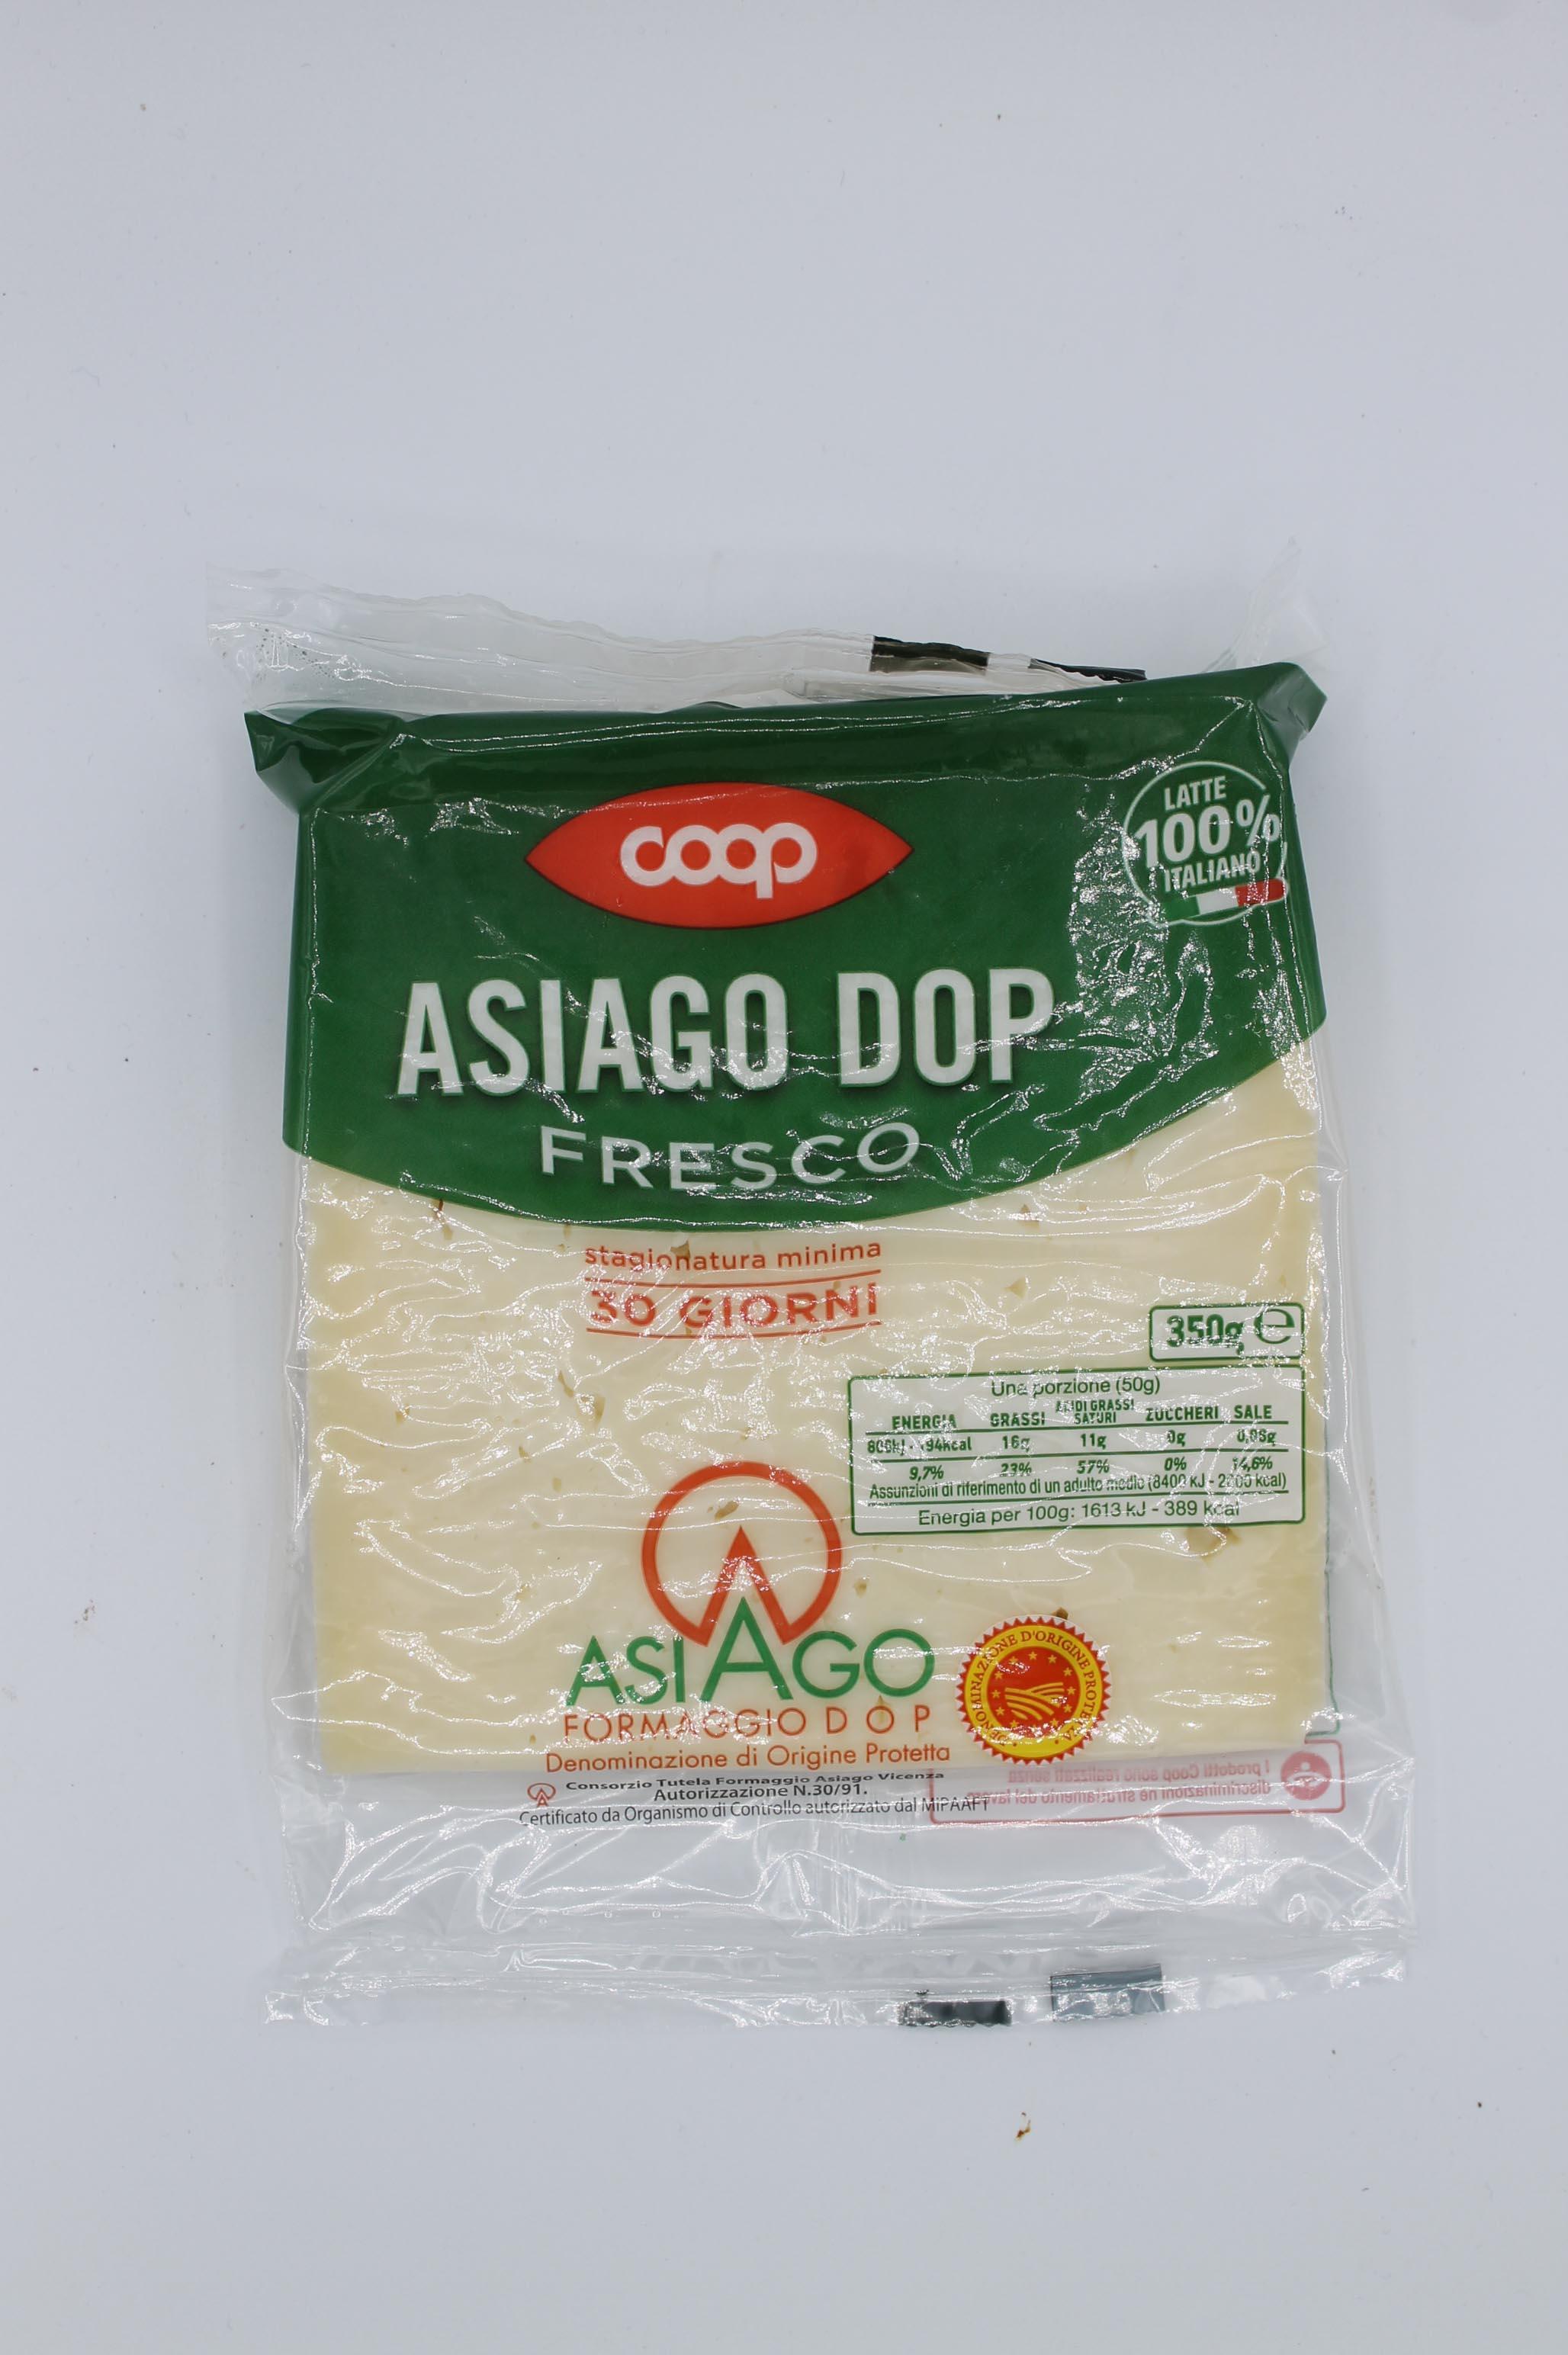 Coop formaggio asiago DOP 350gr.